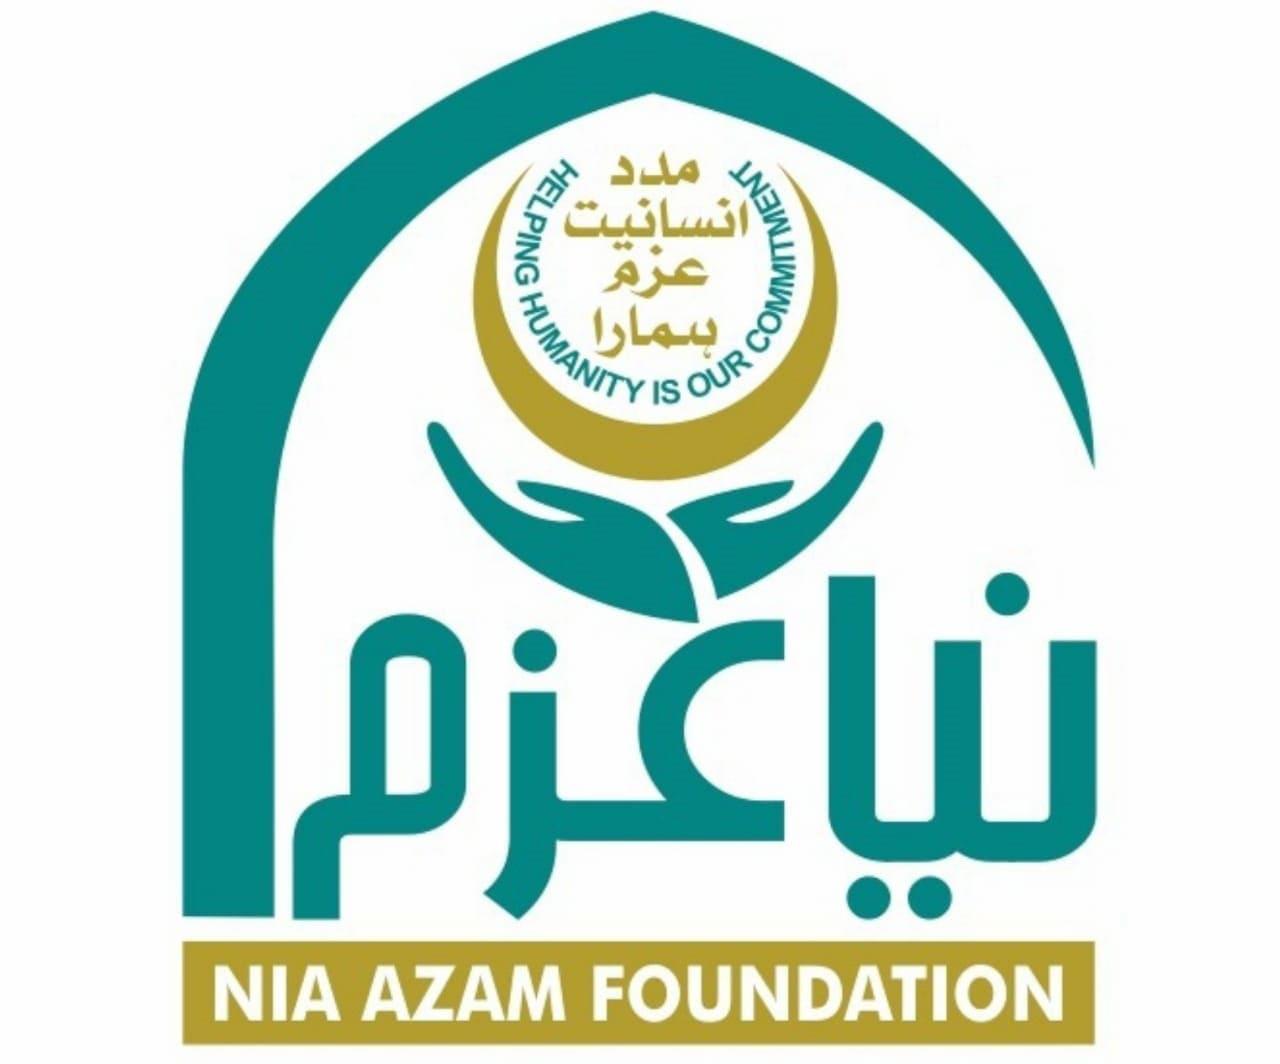 Nia Azam Foundation